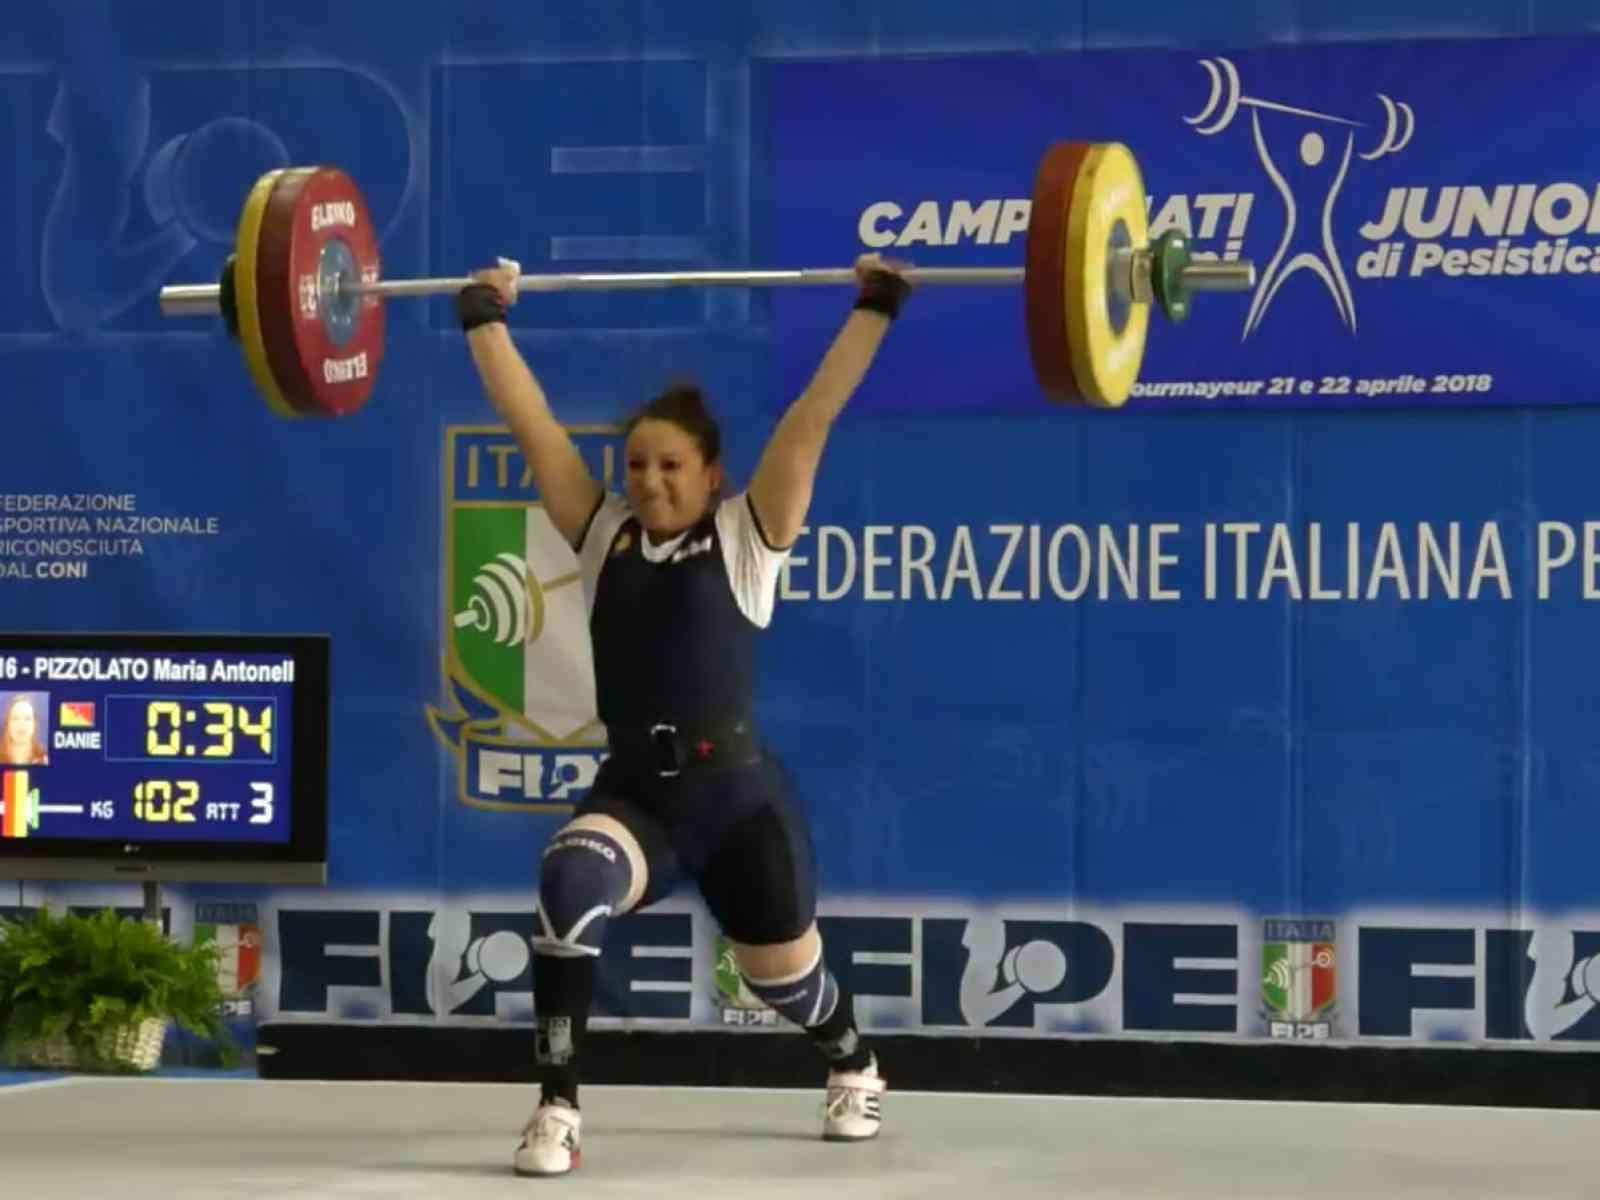 Immagine articolo: Salaparuta, Maria Antonella Pizzolato trionfa a Courmayeur e conquista il titolo italiano femminile di pesistica